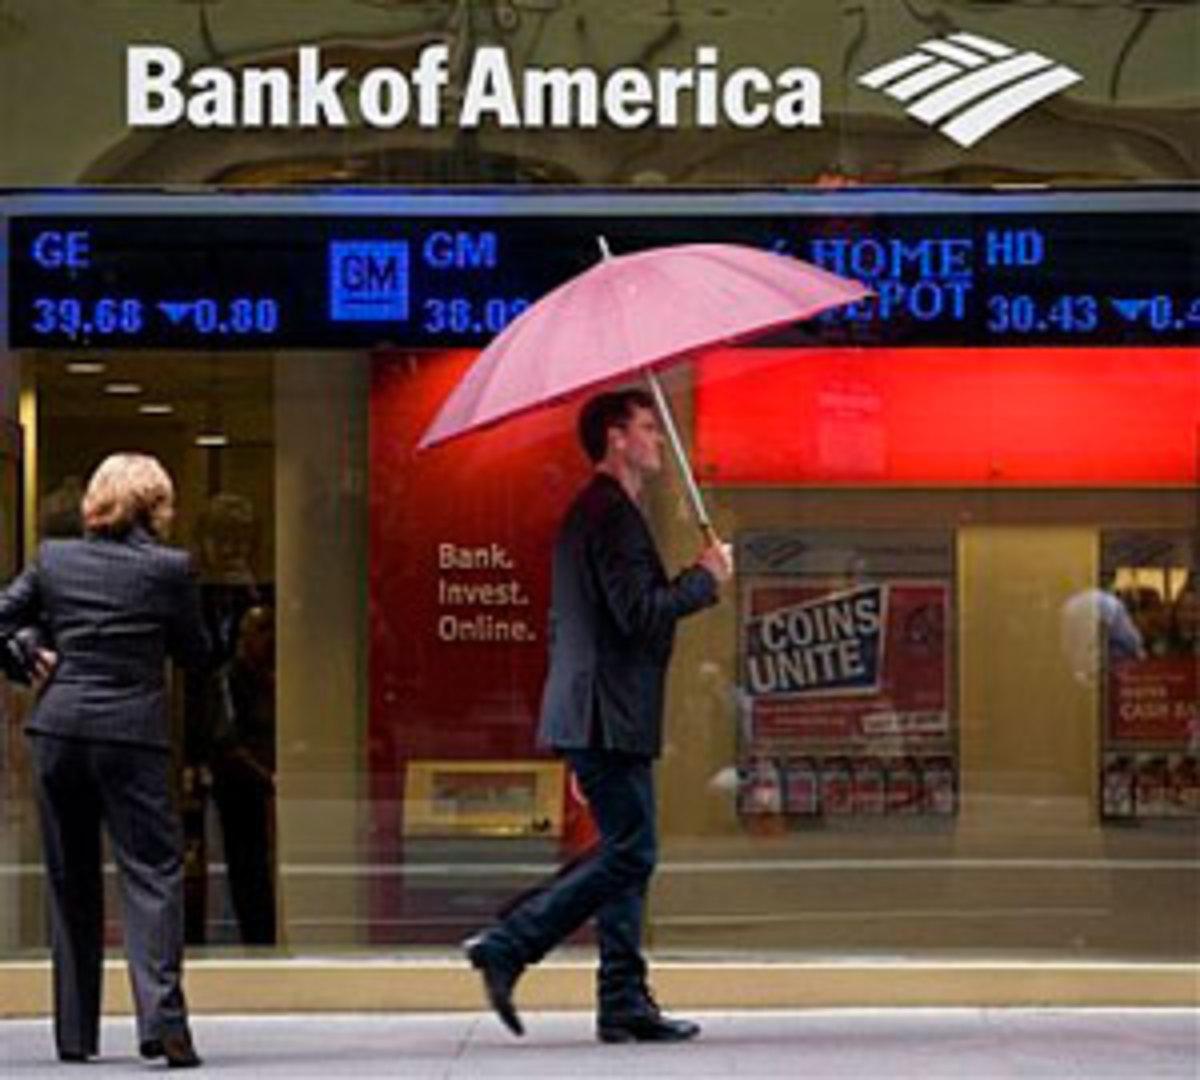 Νέες ζημιές στη Bank of America   Newsit.gr